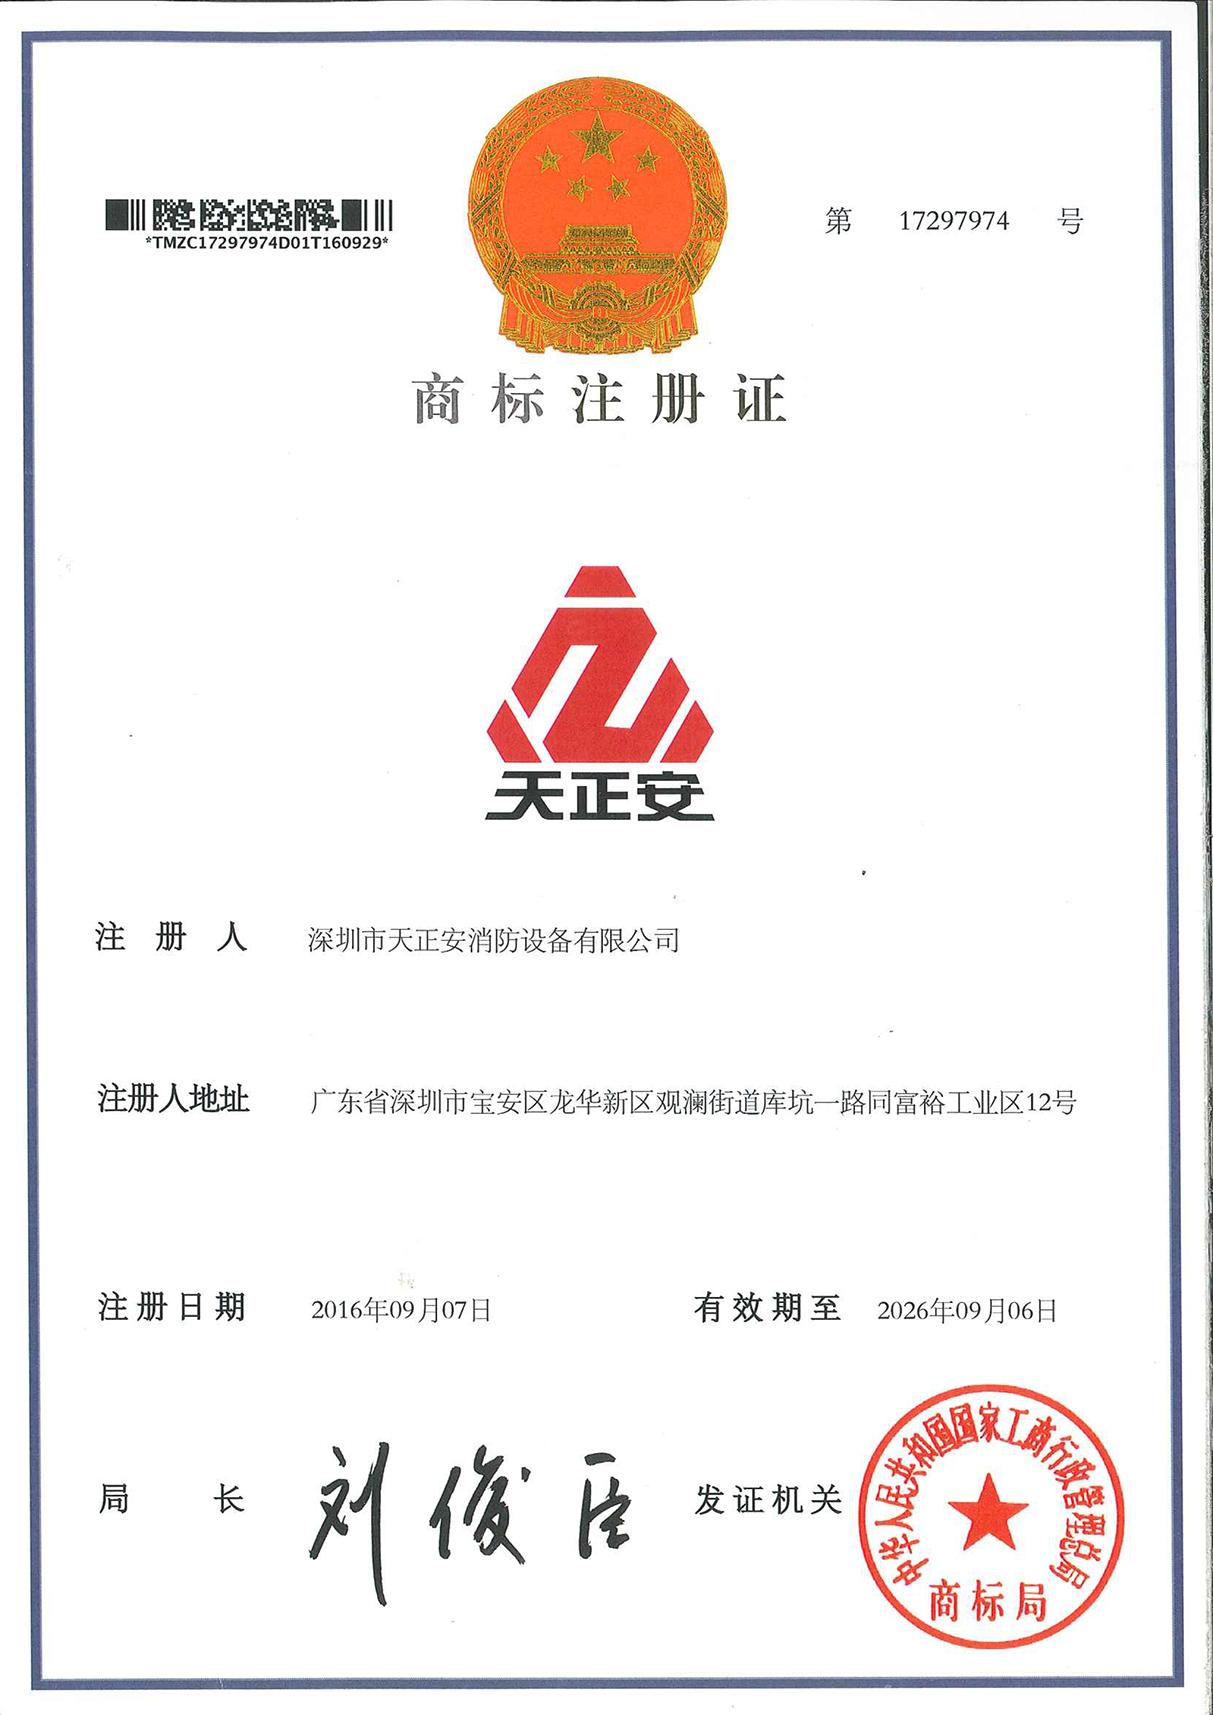 天正安消防资质文件2018-10